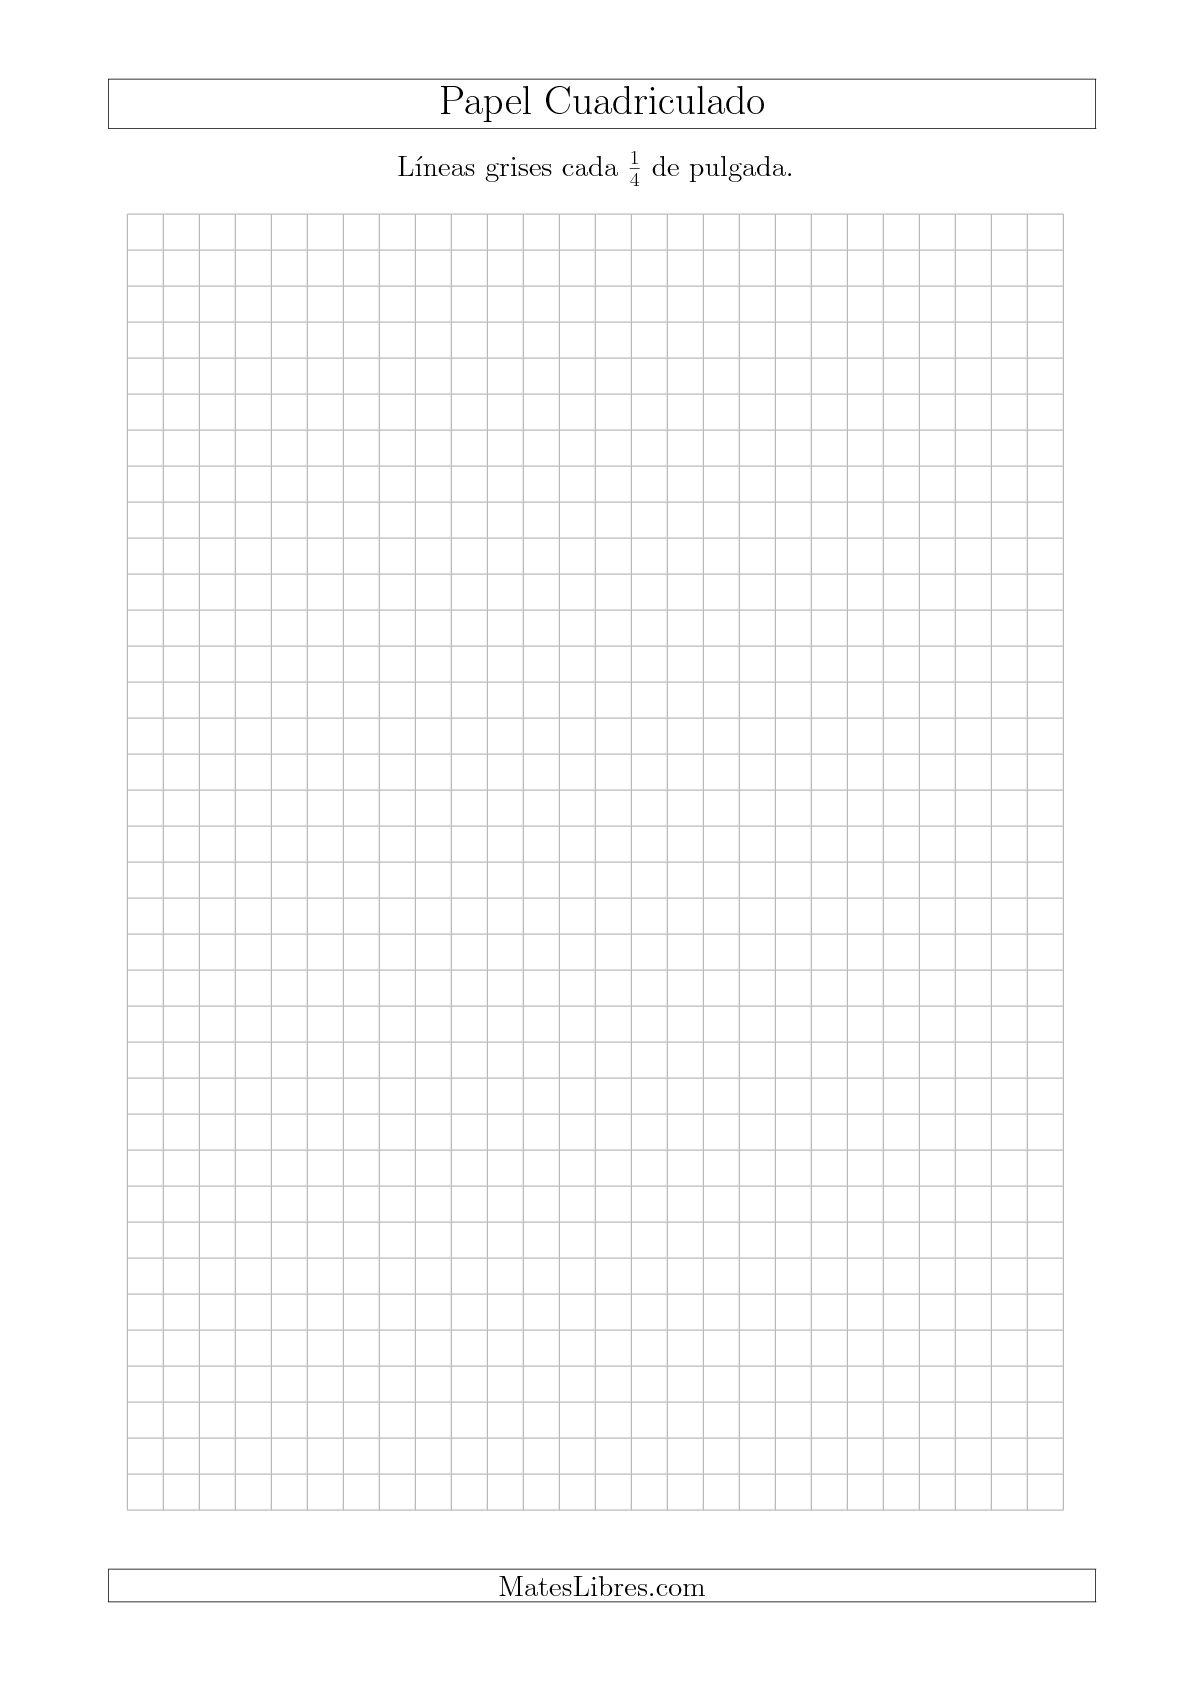 La Papel Cuadriculado con Líneas Grises cada 1/4 de Pulgada, Tamaño de Papel A4 Hojas de Papel Cuadriculado